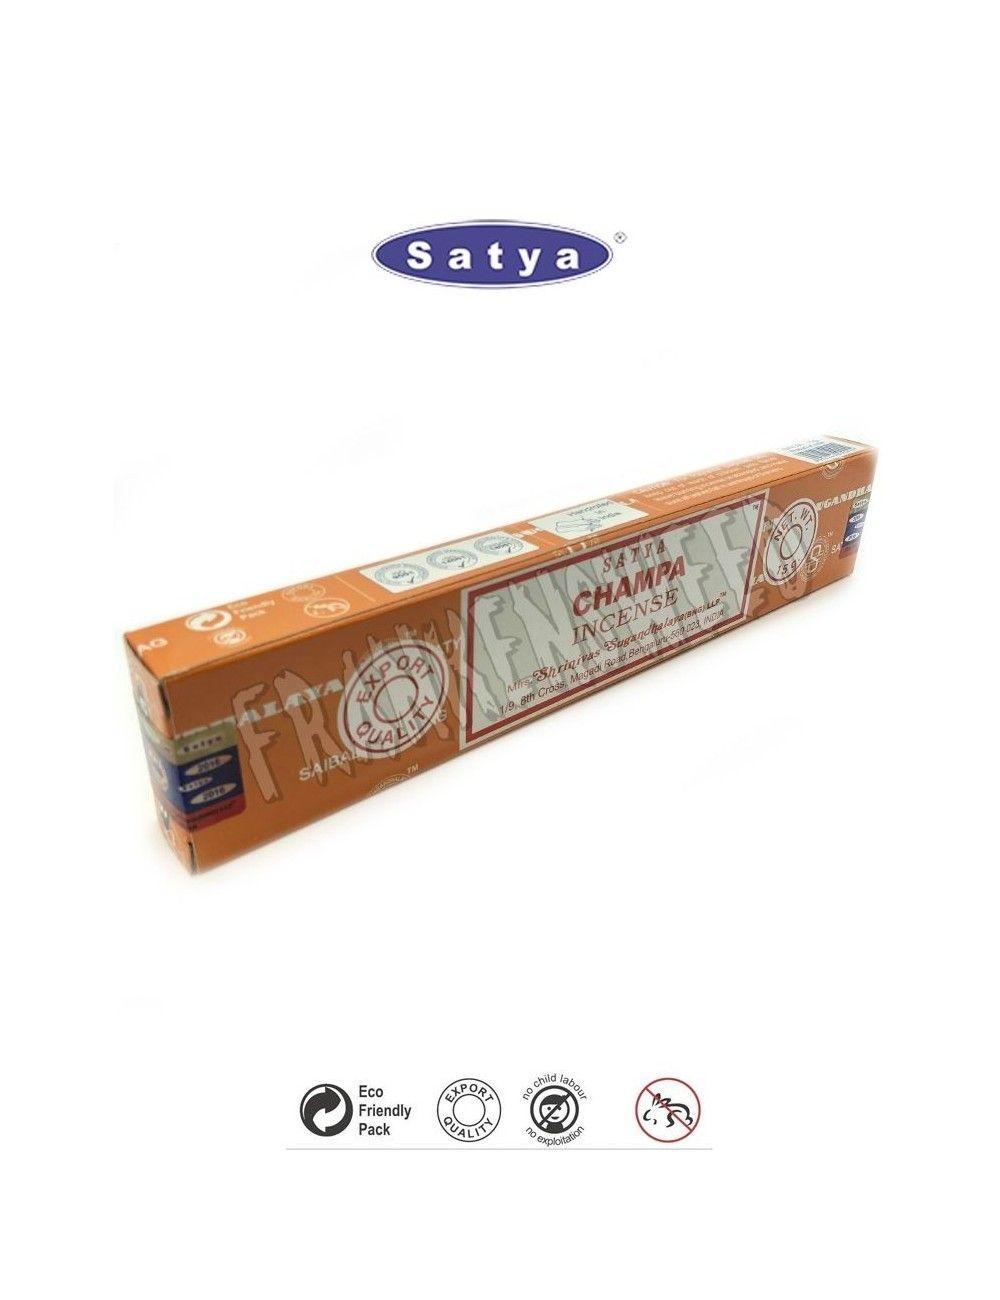 Champa - Satya Sai Baba - Incense Sticks